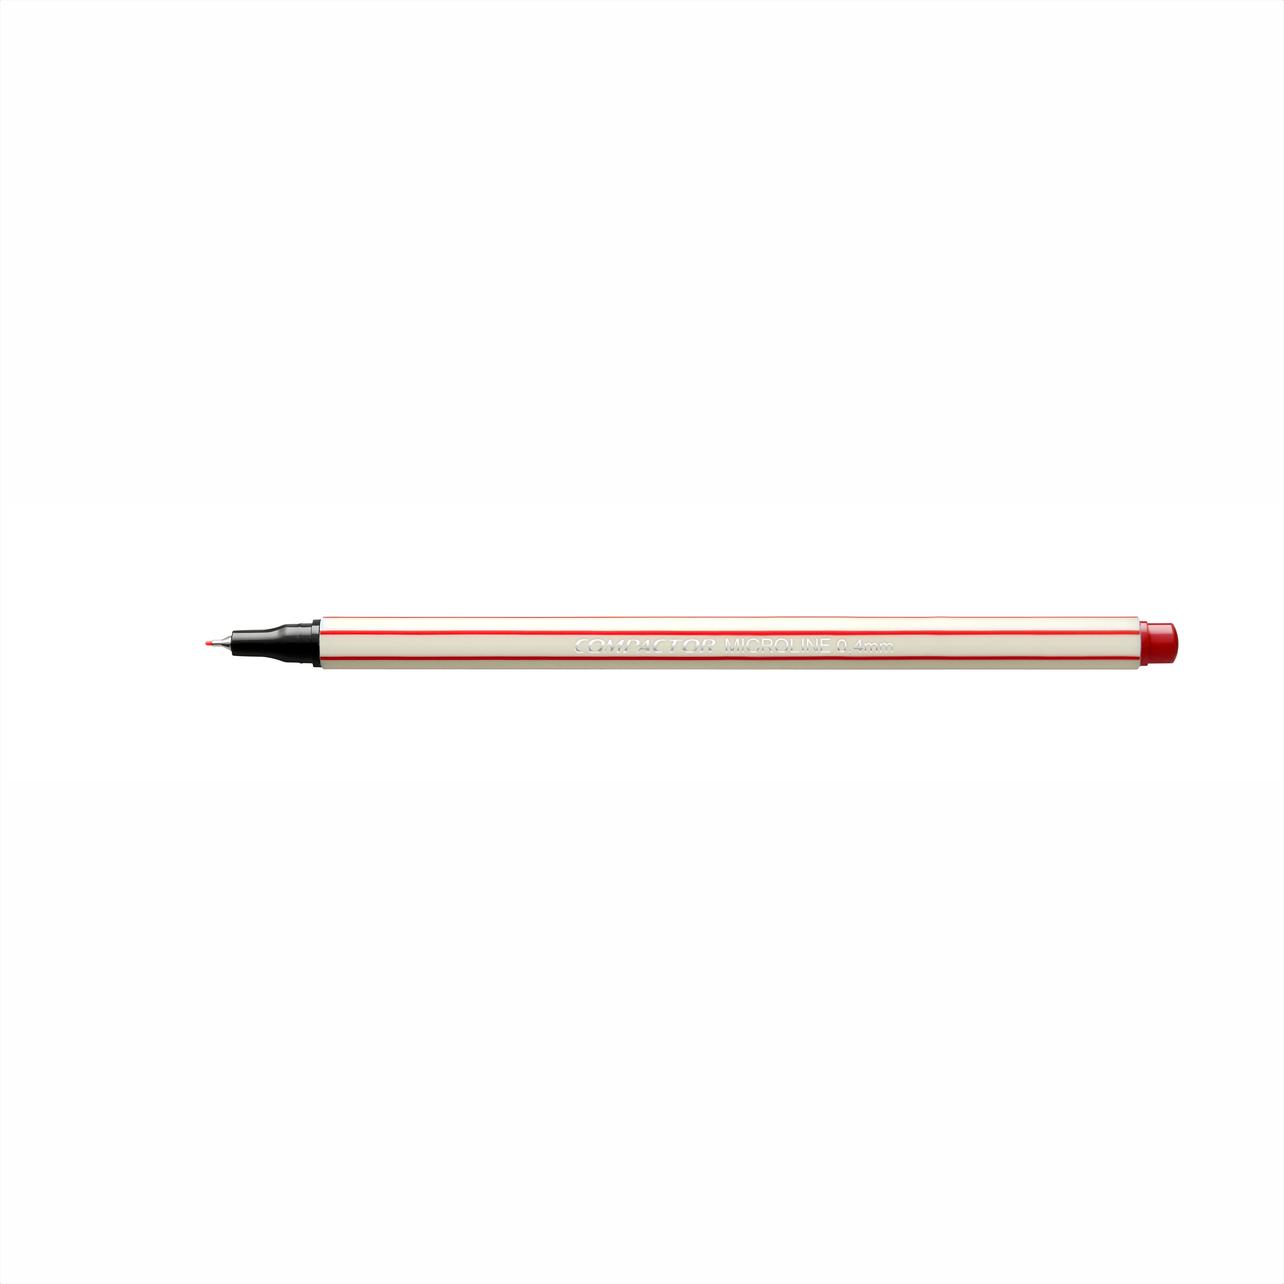 Caneta Hidrográfica 0.4 vermelho MICROLINE Compactor